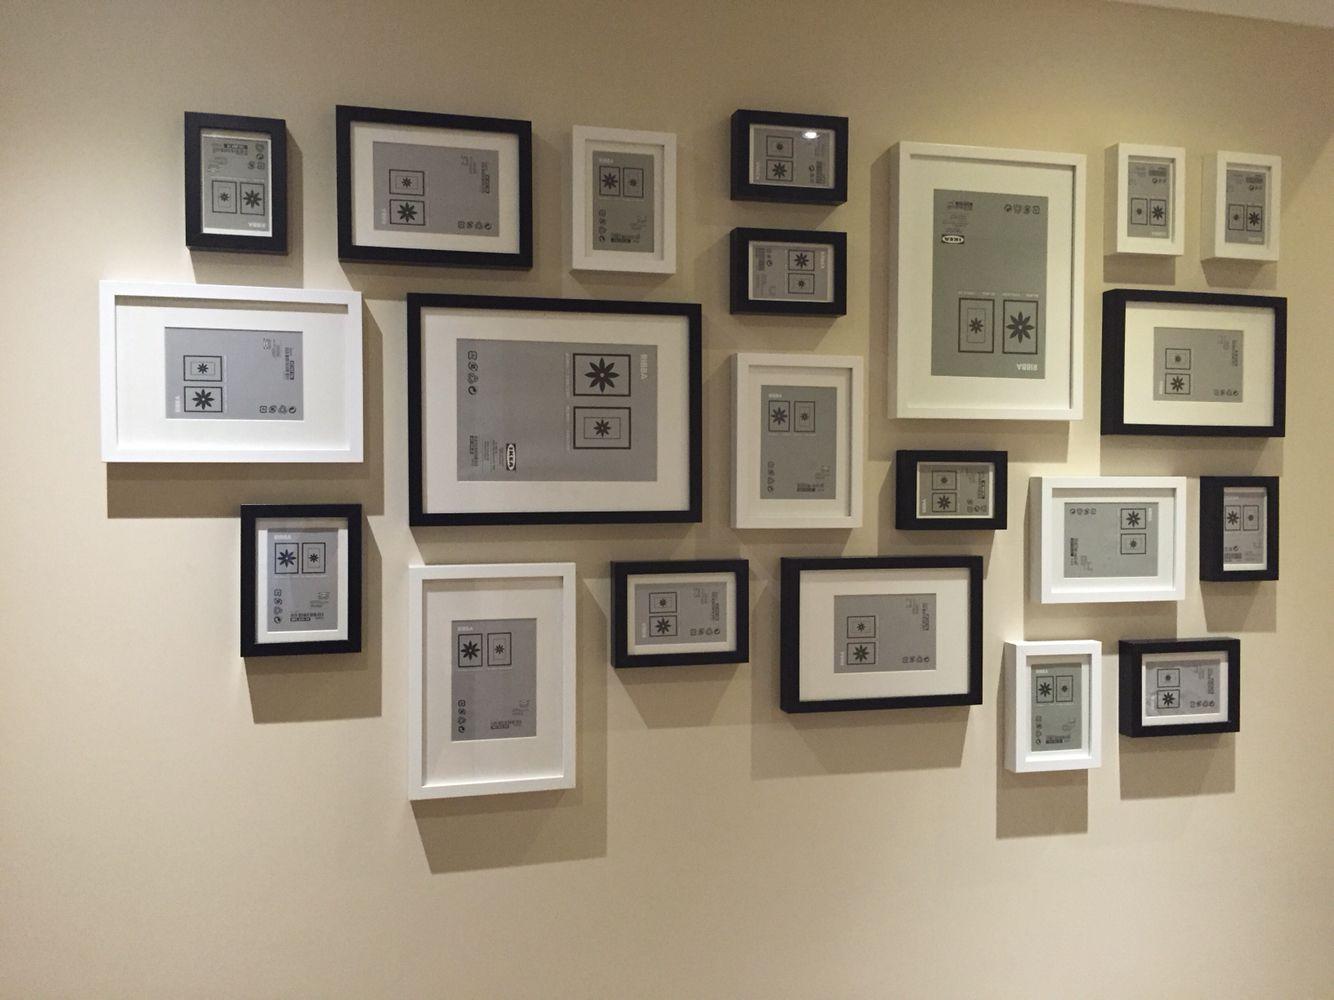 ikea ribba gallery wall layout # 6